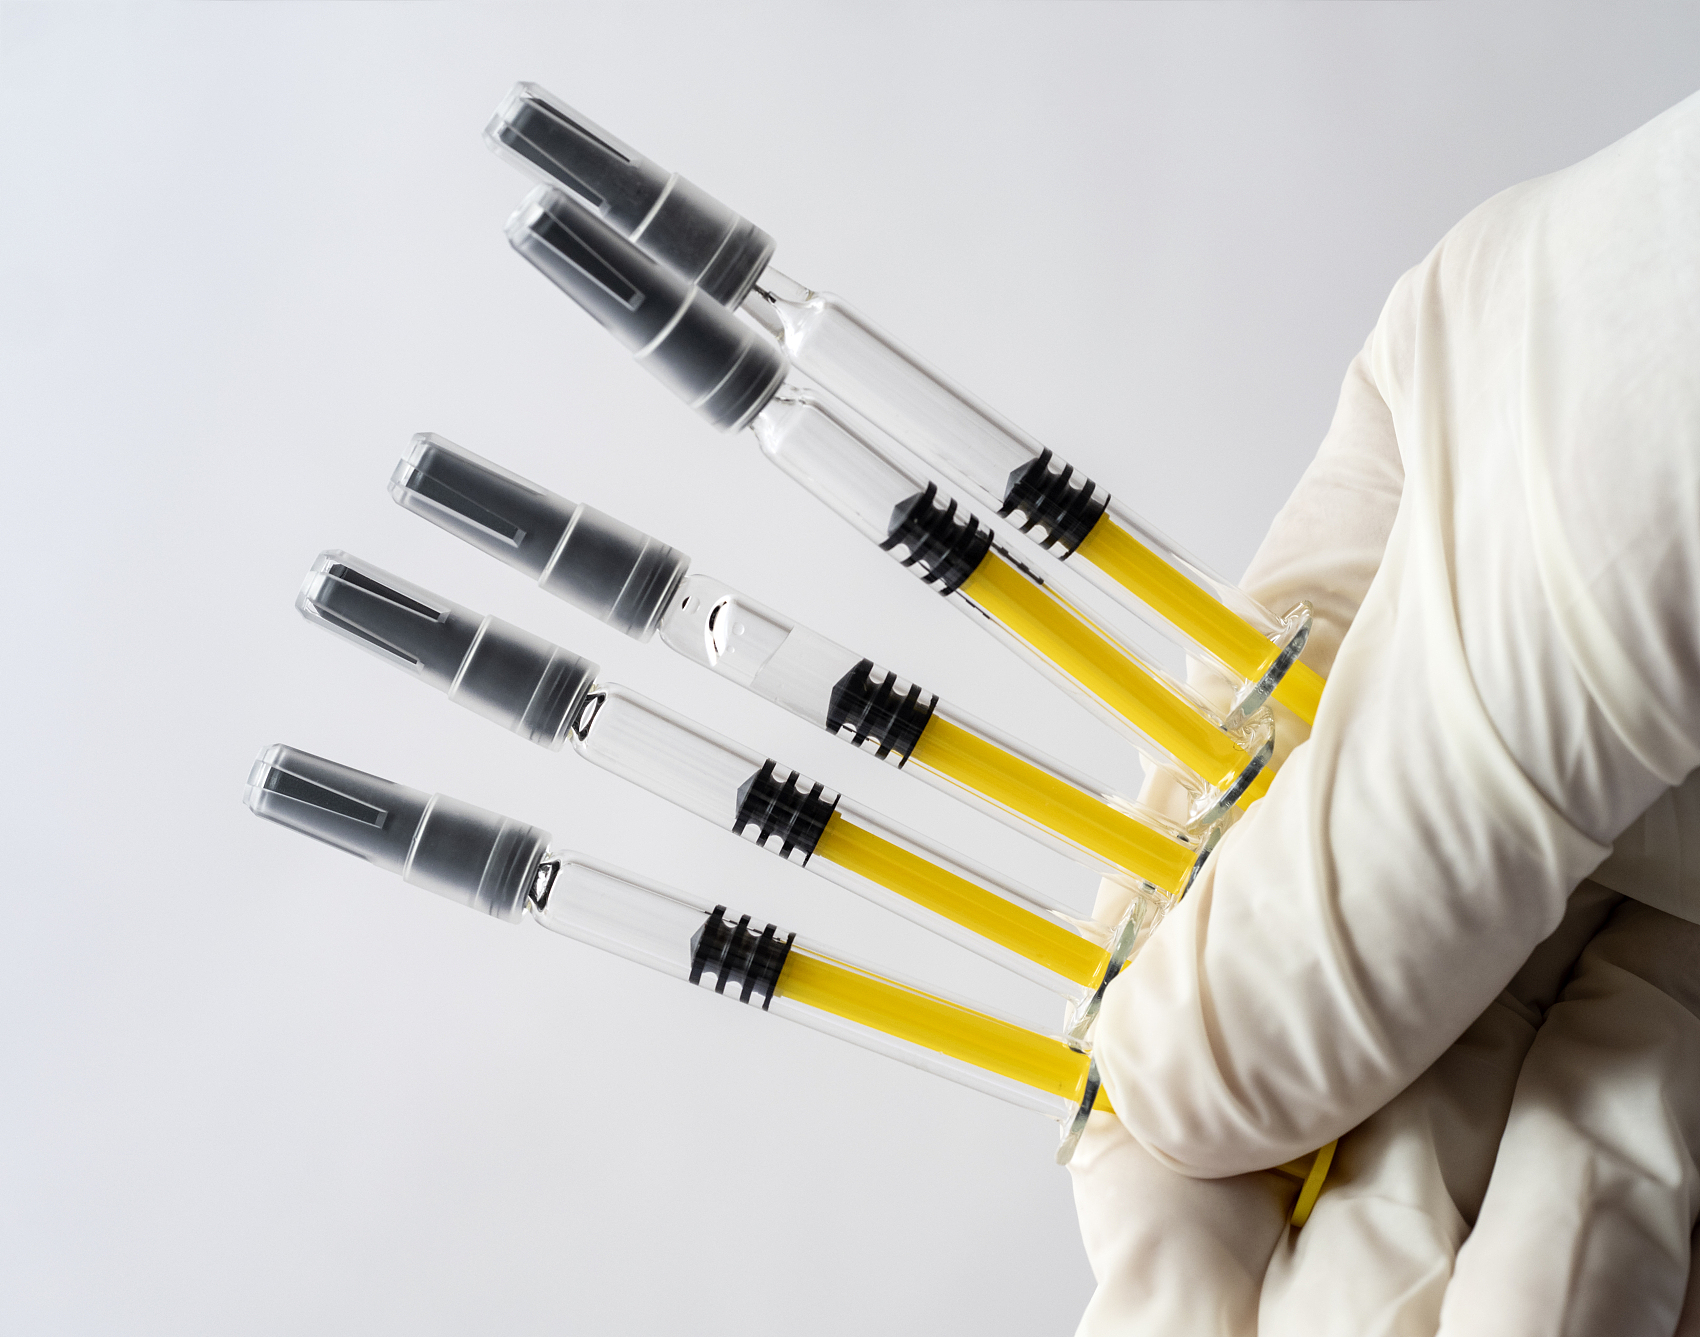 要不要保护新冠疫苗专利,美国说了算吗?